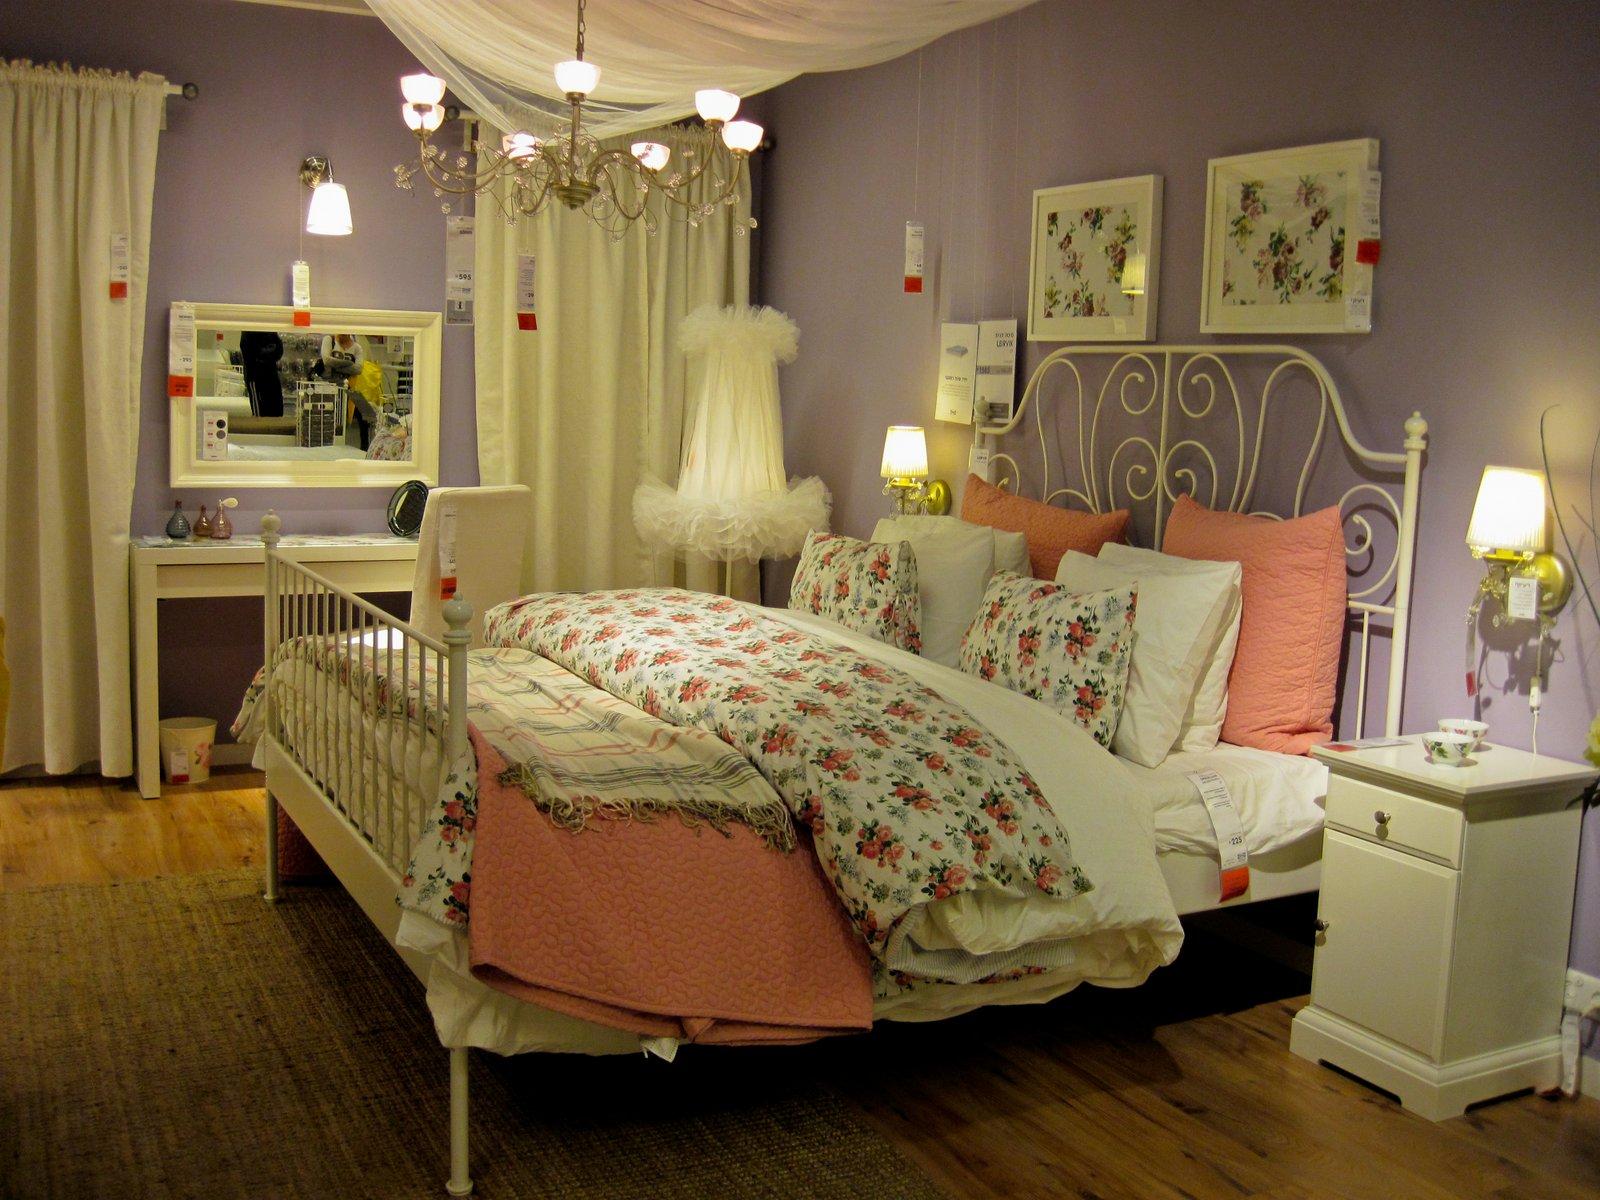 Кровать икеа в интерьере фото